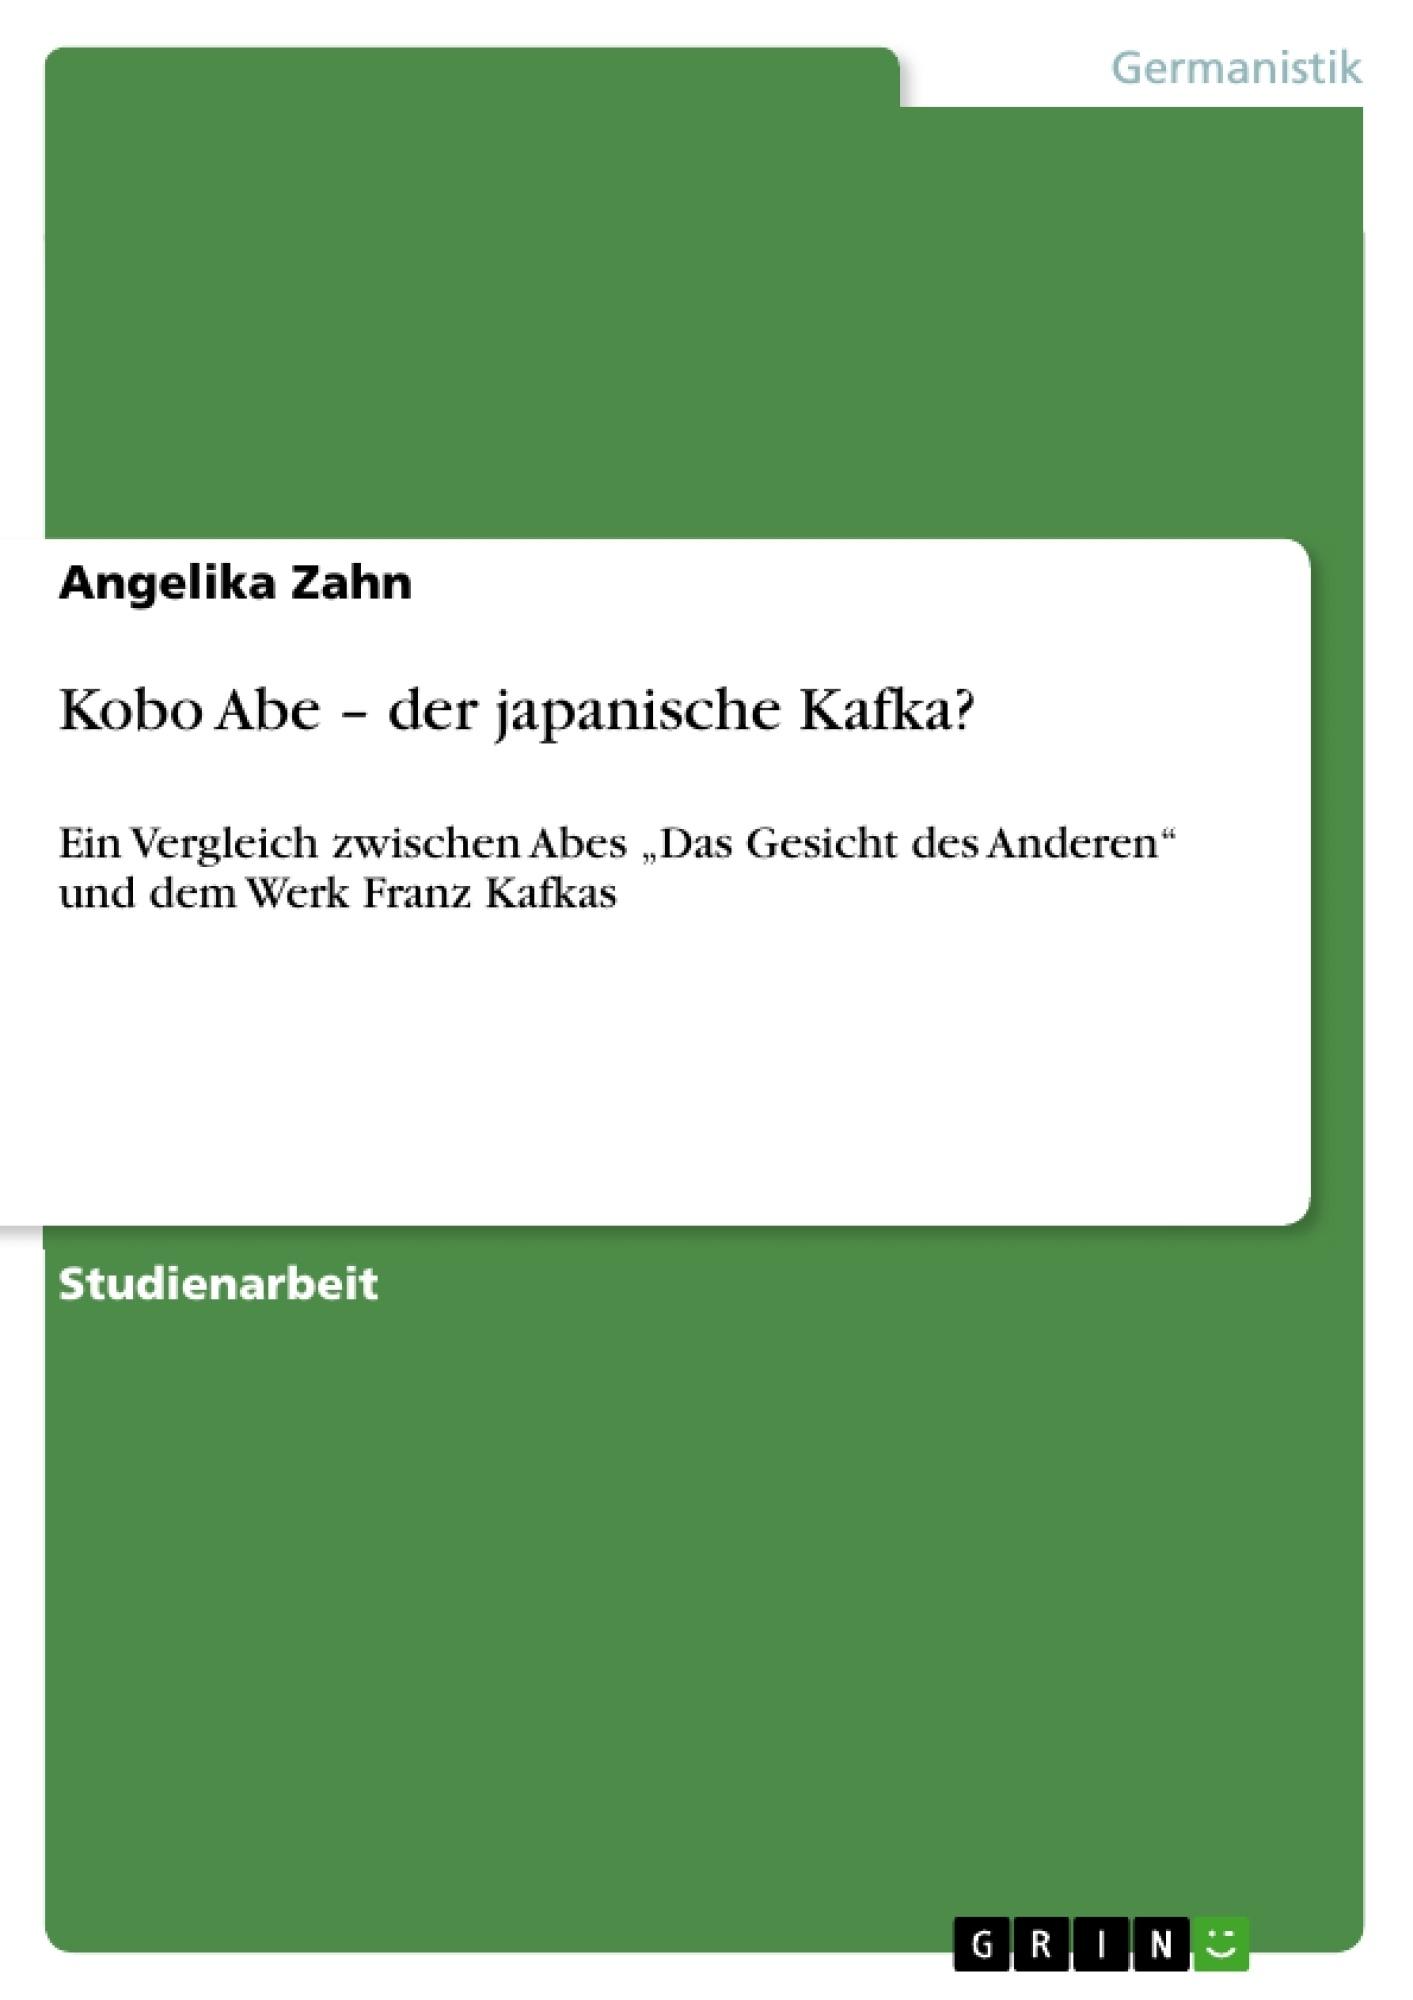 Titel: Kobo Abe – der japanische Kafka?